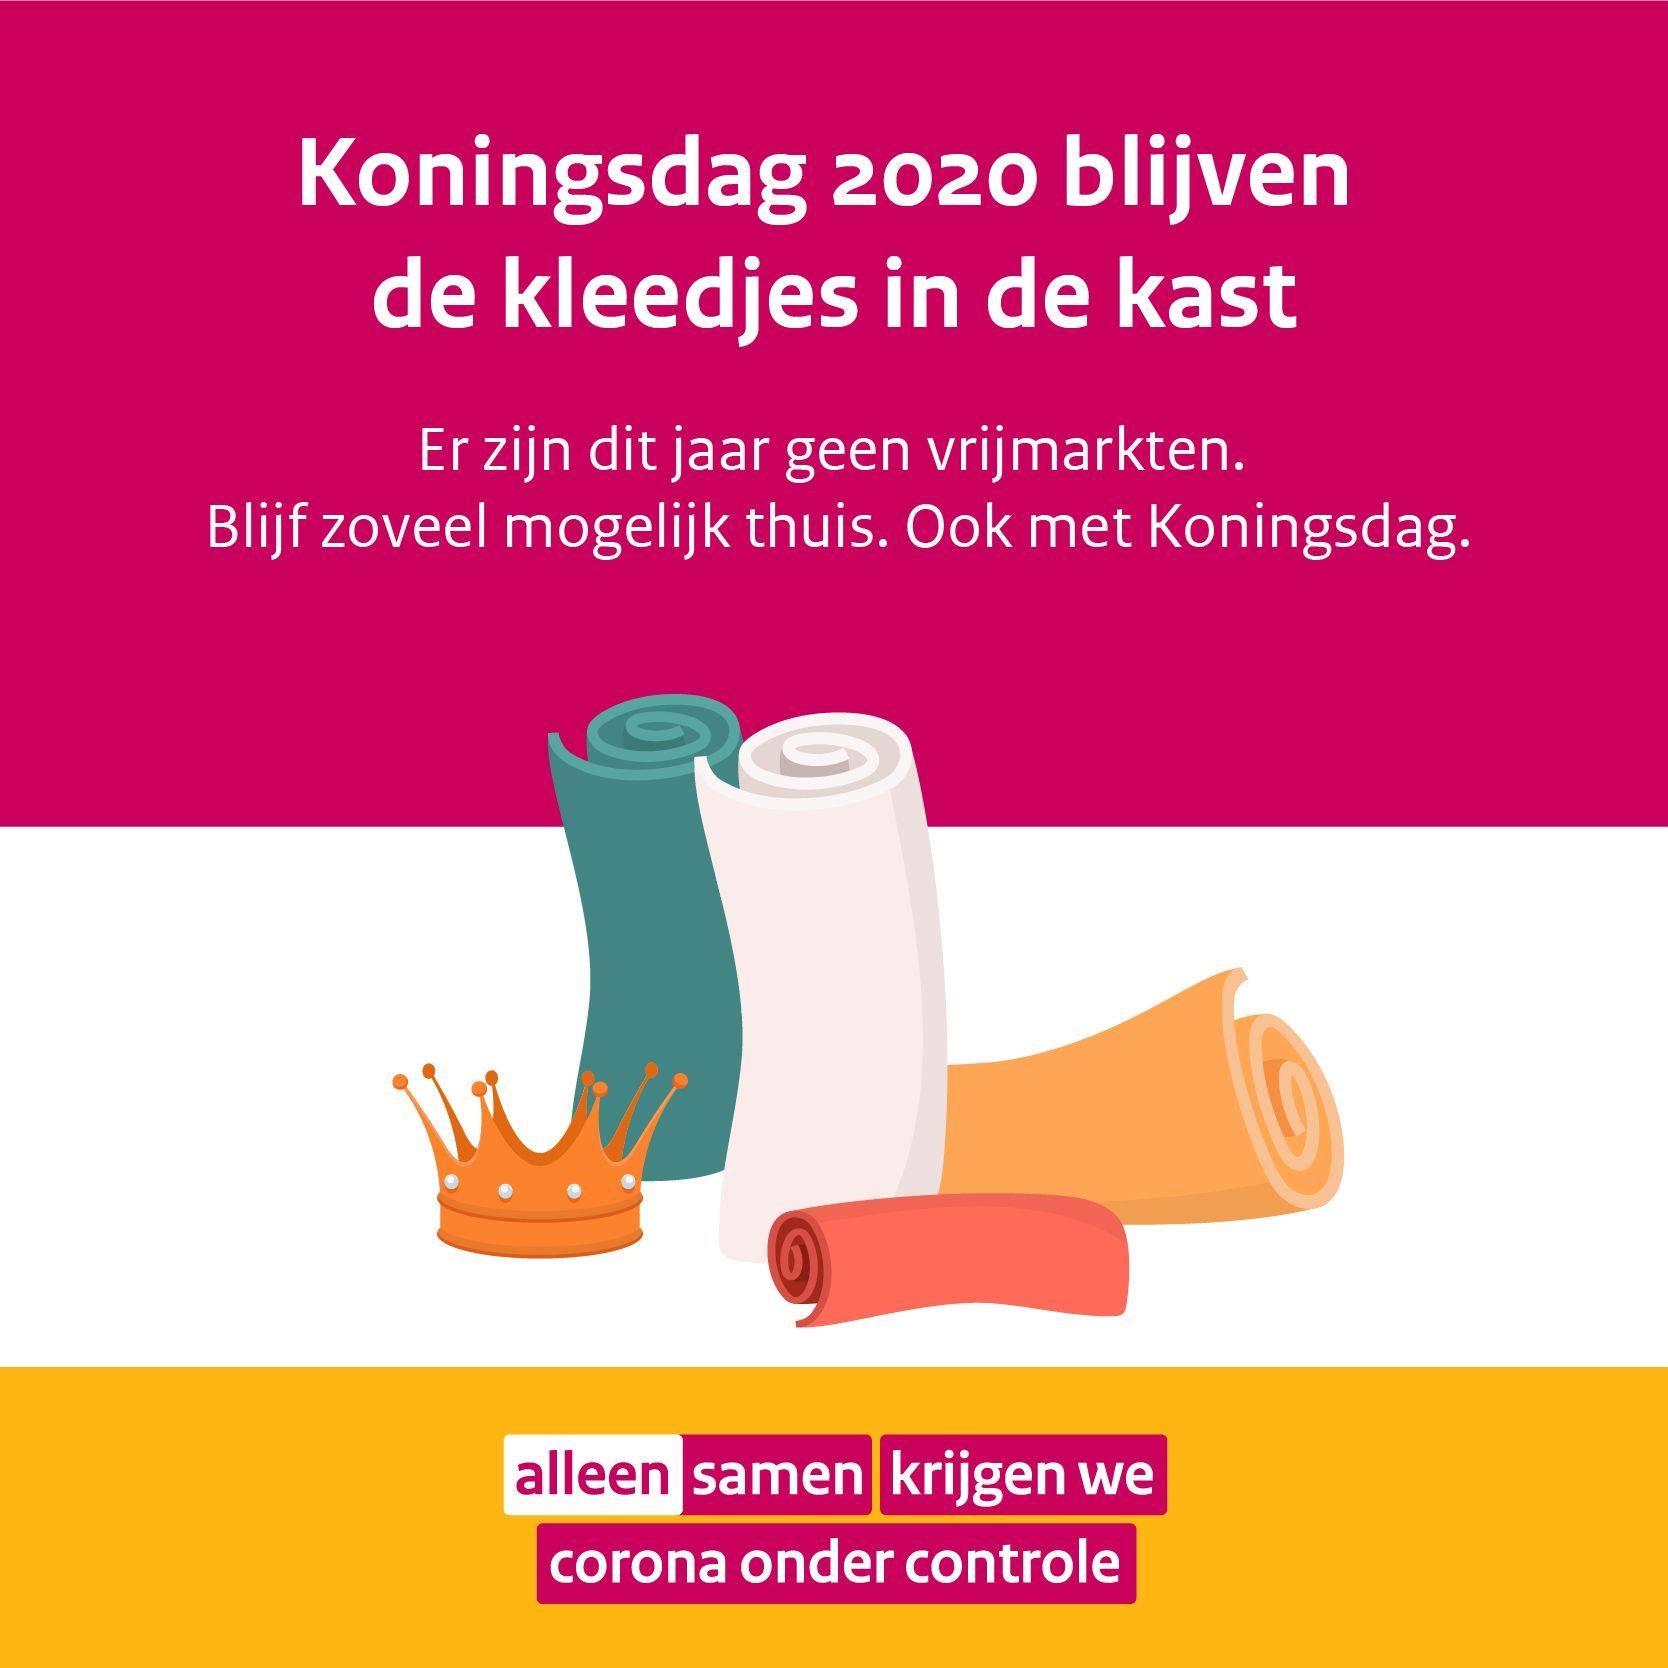 Nederland viert Koningsdag zoveel mogelijk thuis